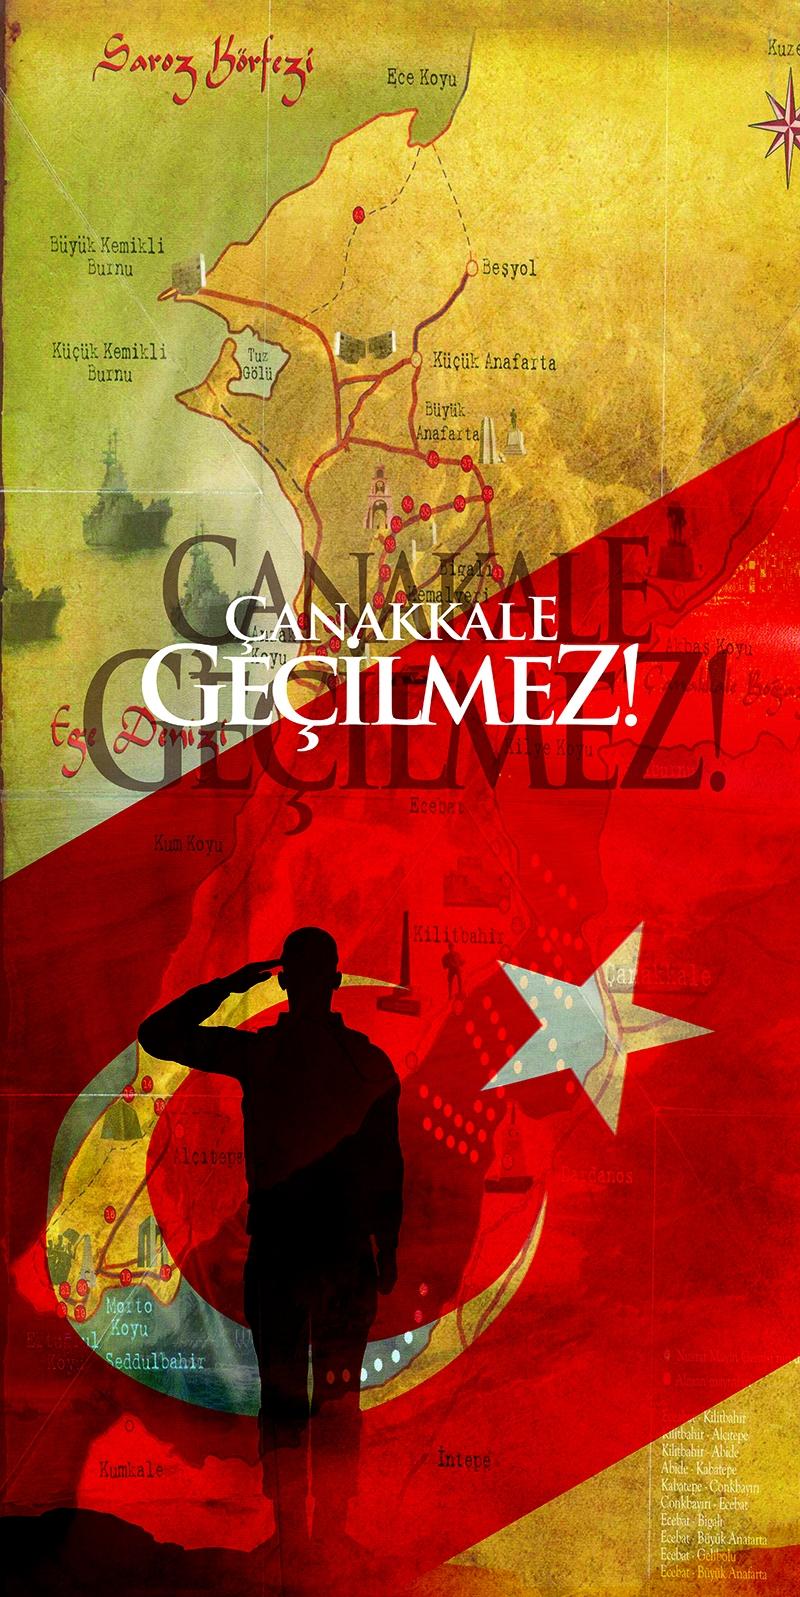 Çanakkale Geçilmez Türk Askeri-1 Türk Tarihi Kanvas Tablo